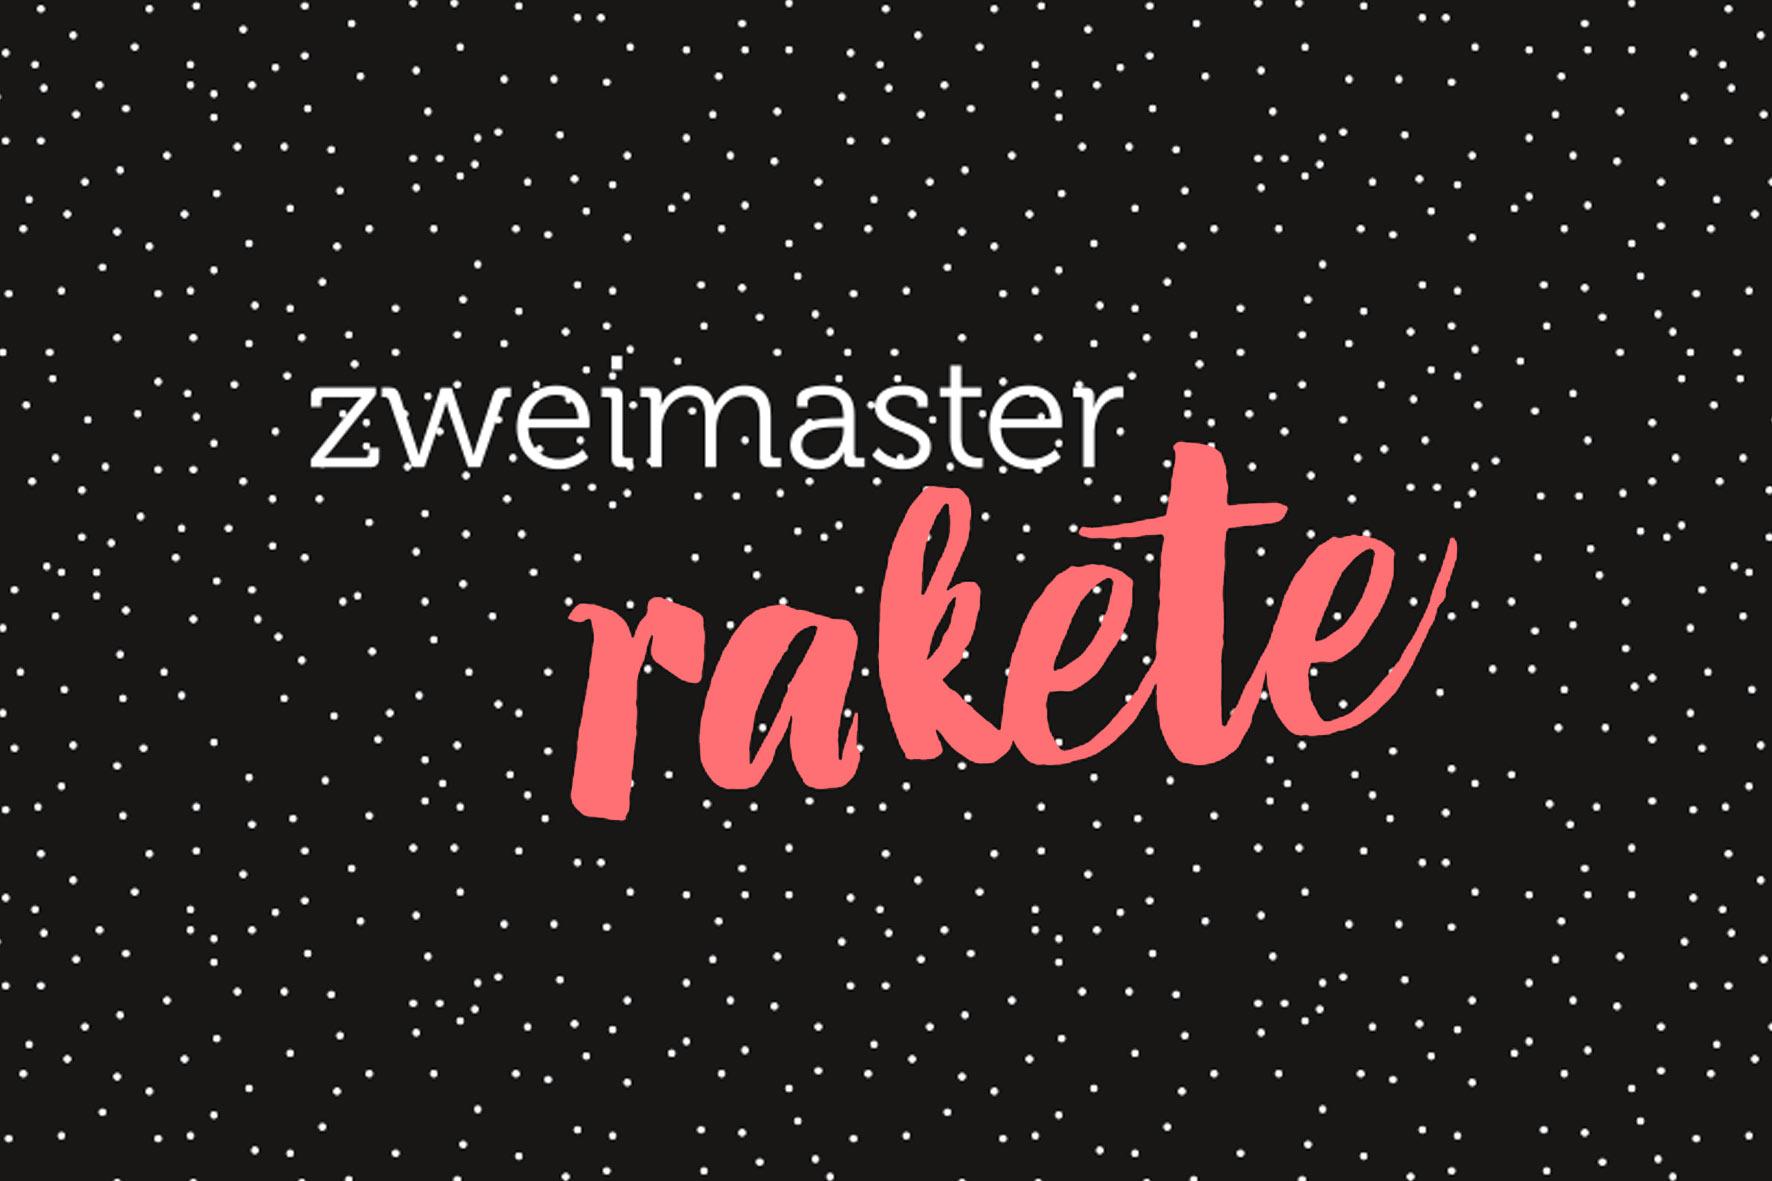 zweimaster_rakete